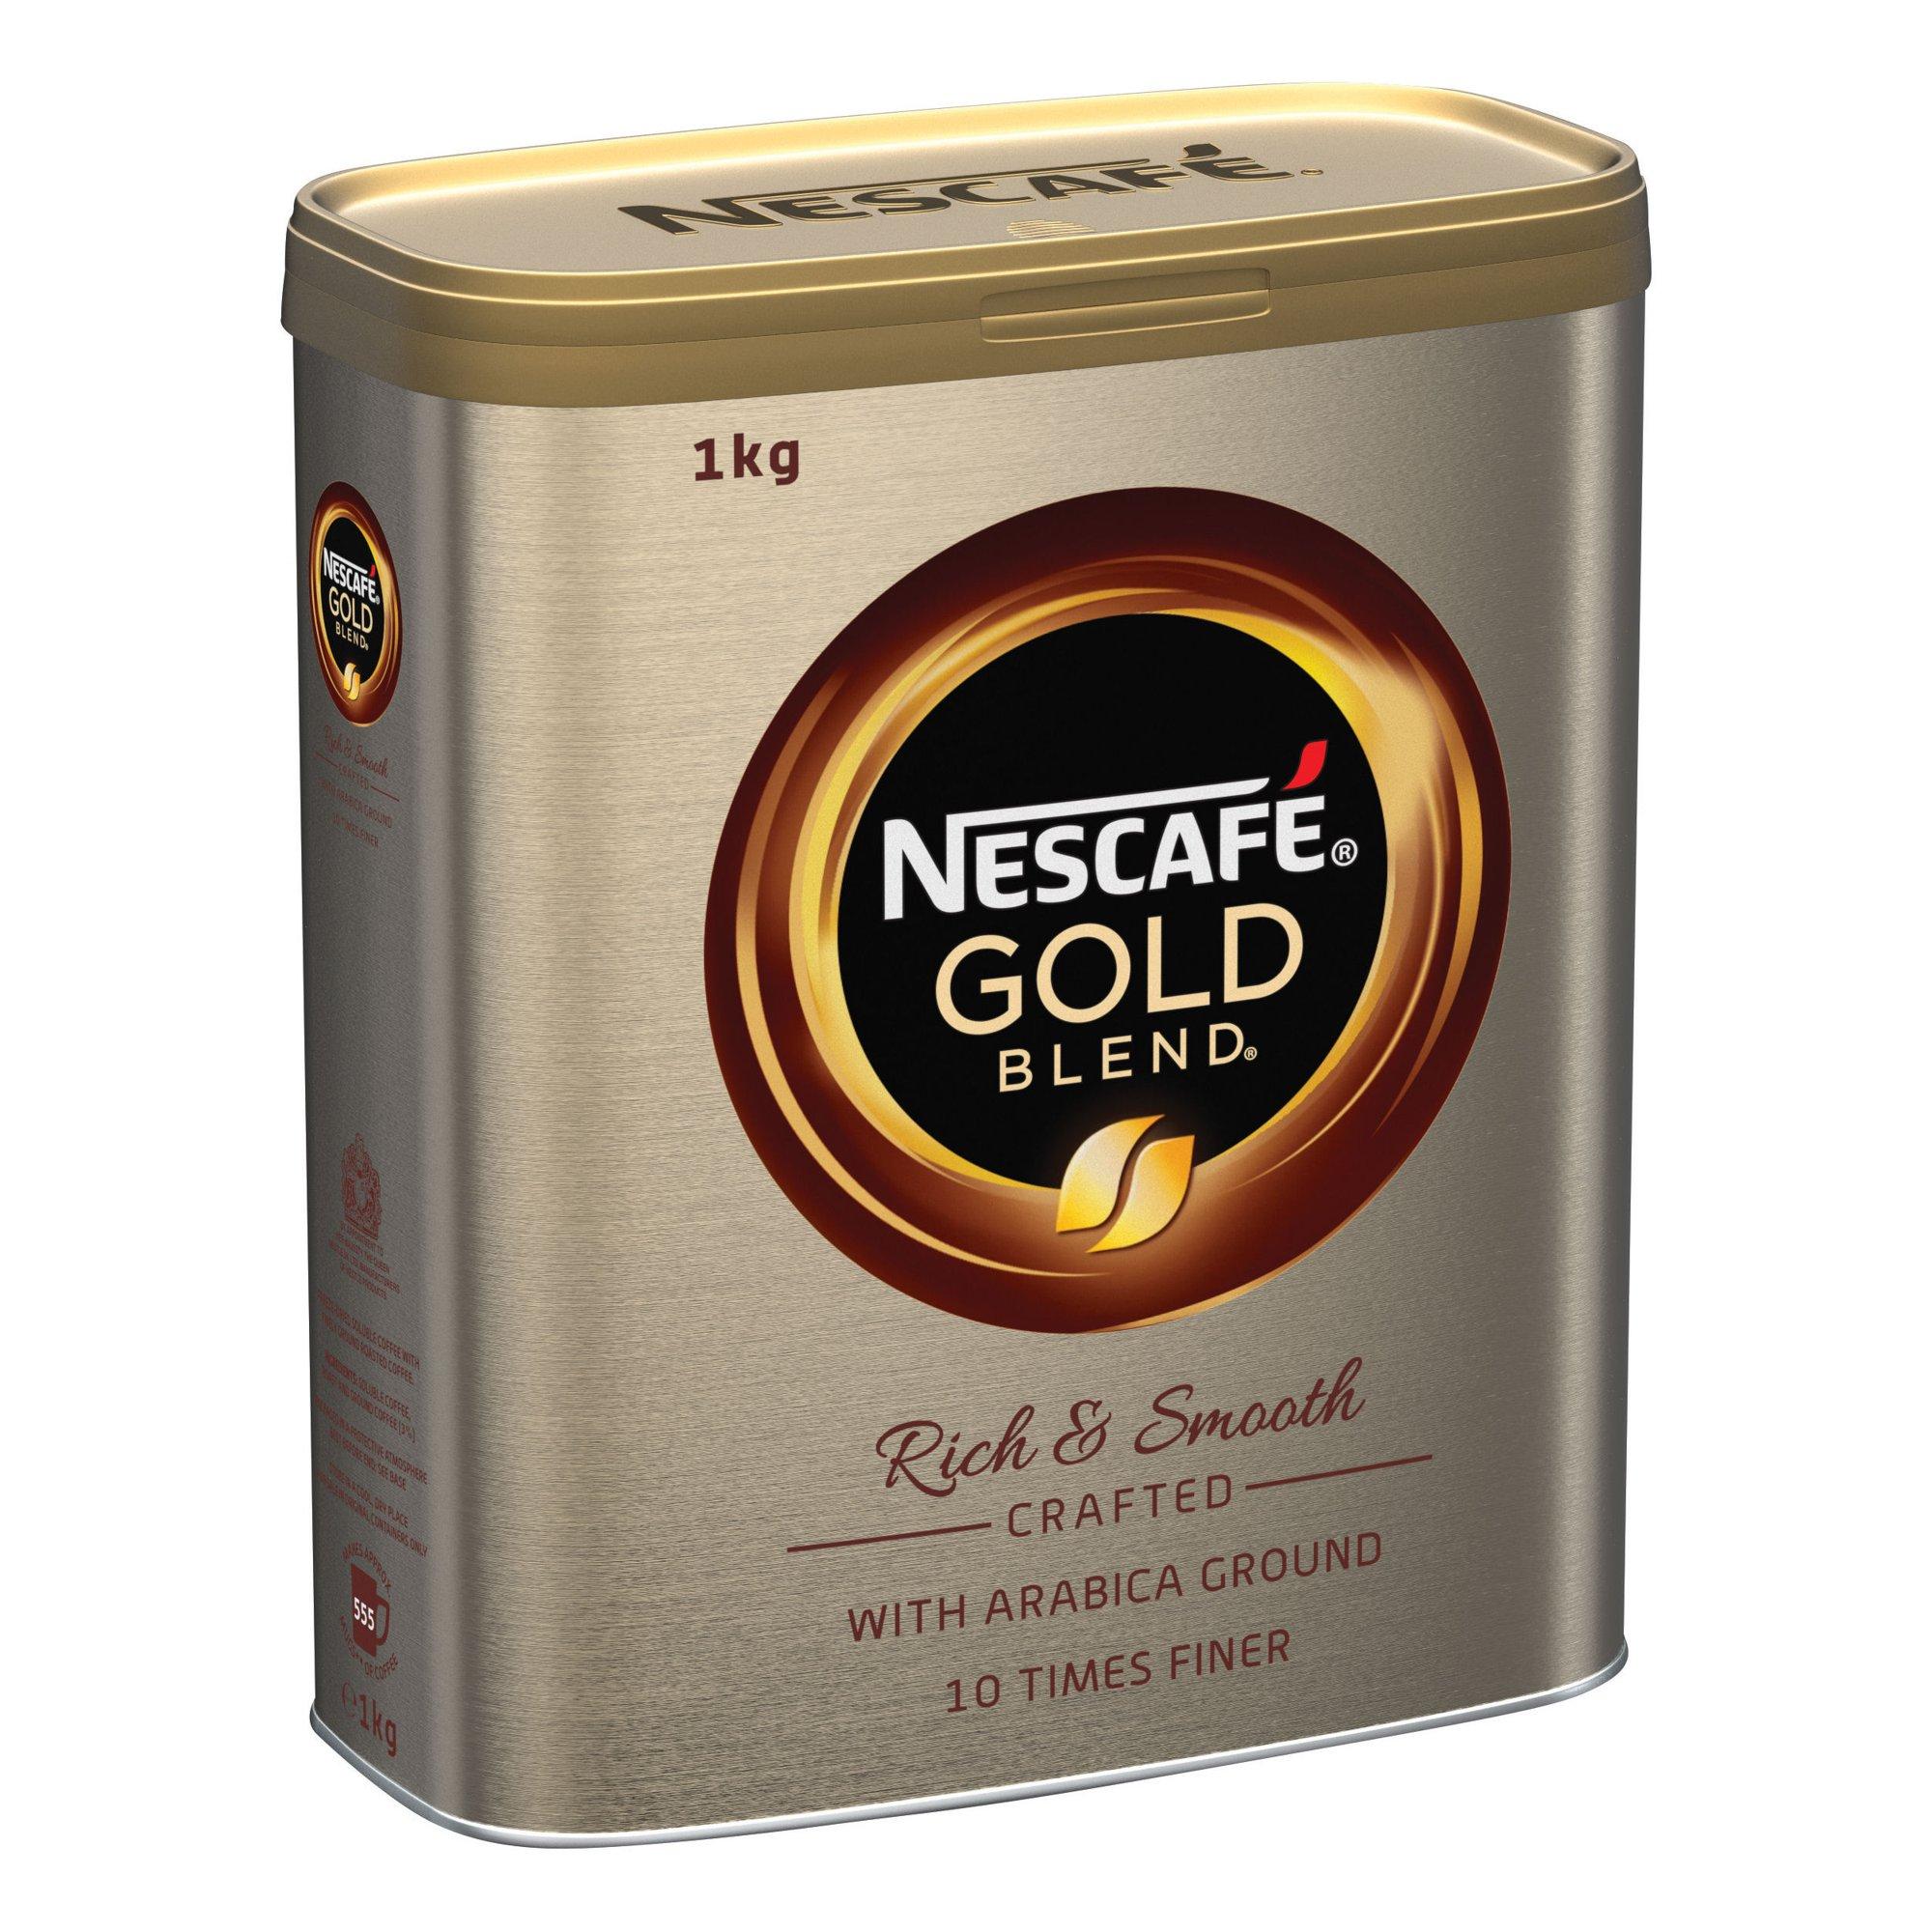 NESCAFE GOLD BLEND Coffee Granules 1kg